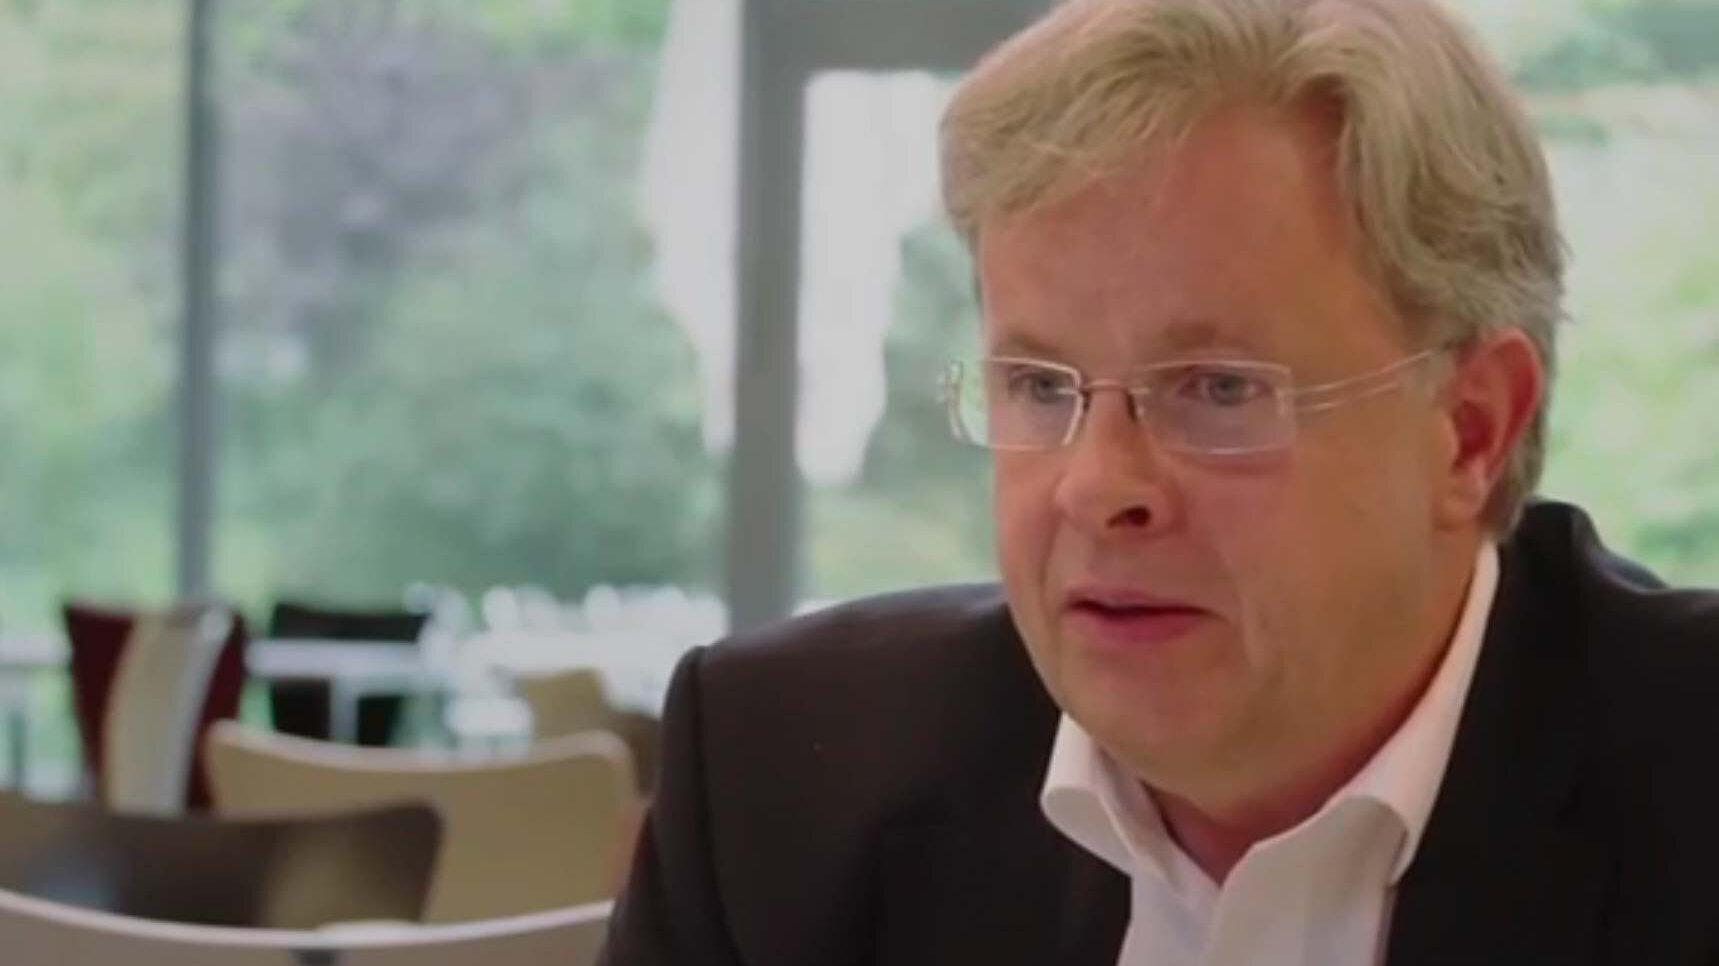 Deutsches Krebsforschungsinstitut Video